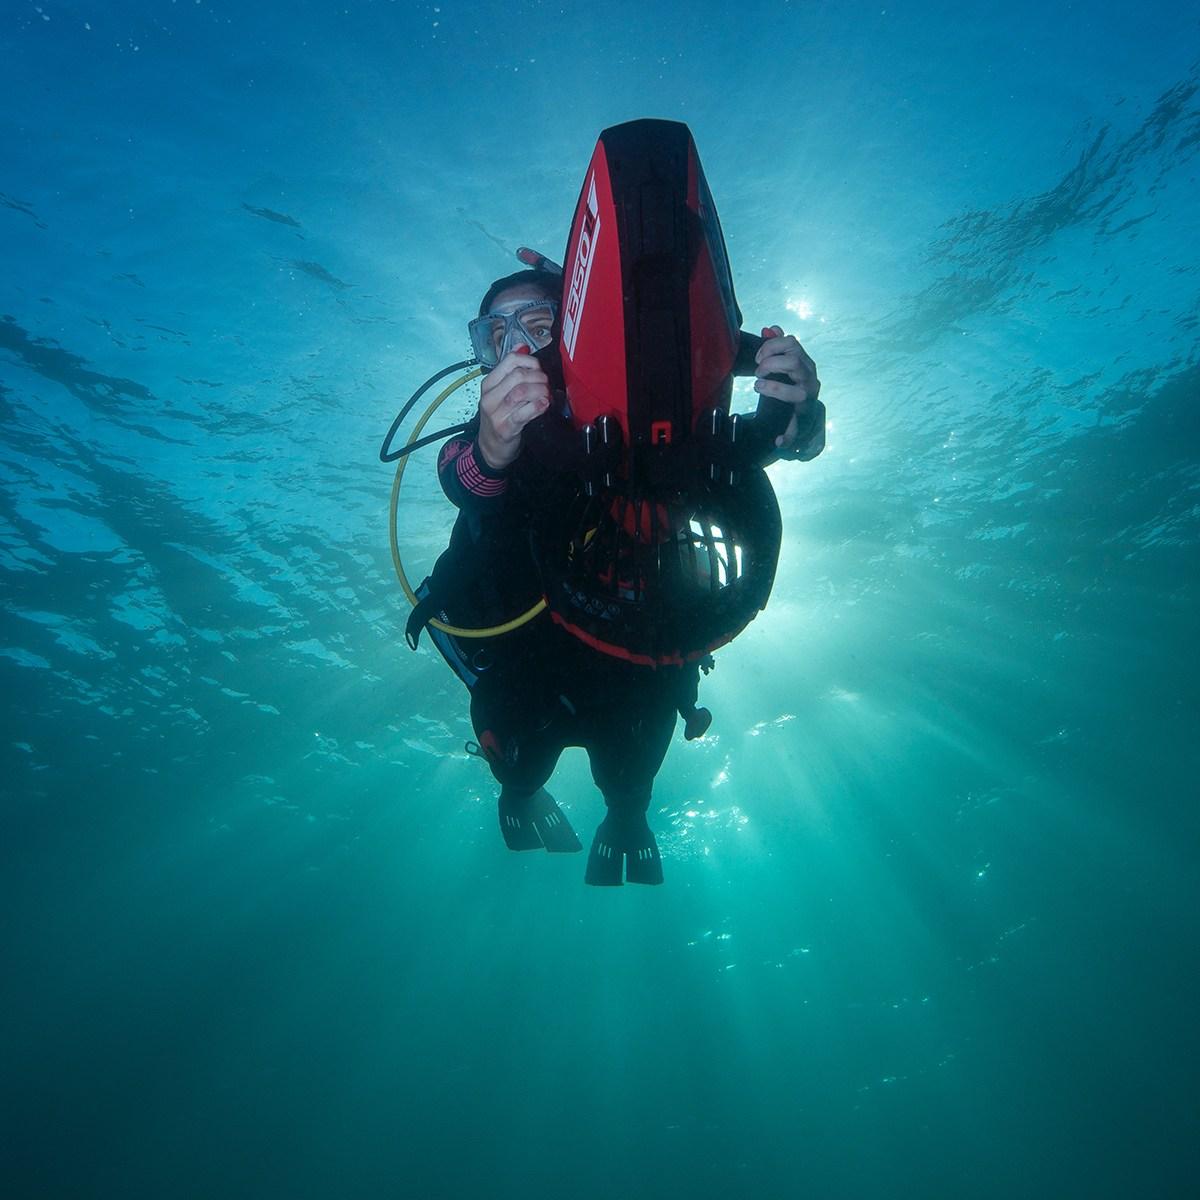 подводный скутер Yamaha махинатор мошенник побег отвратительные мужики